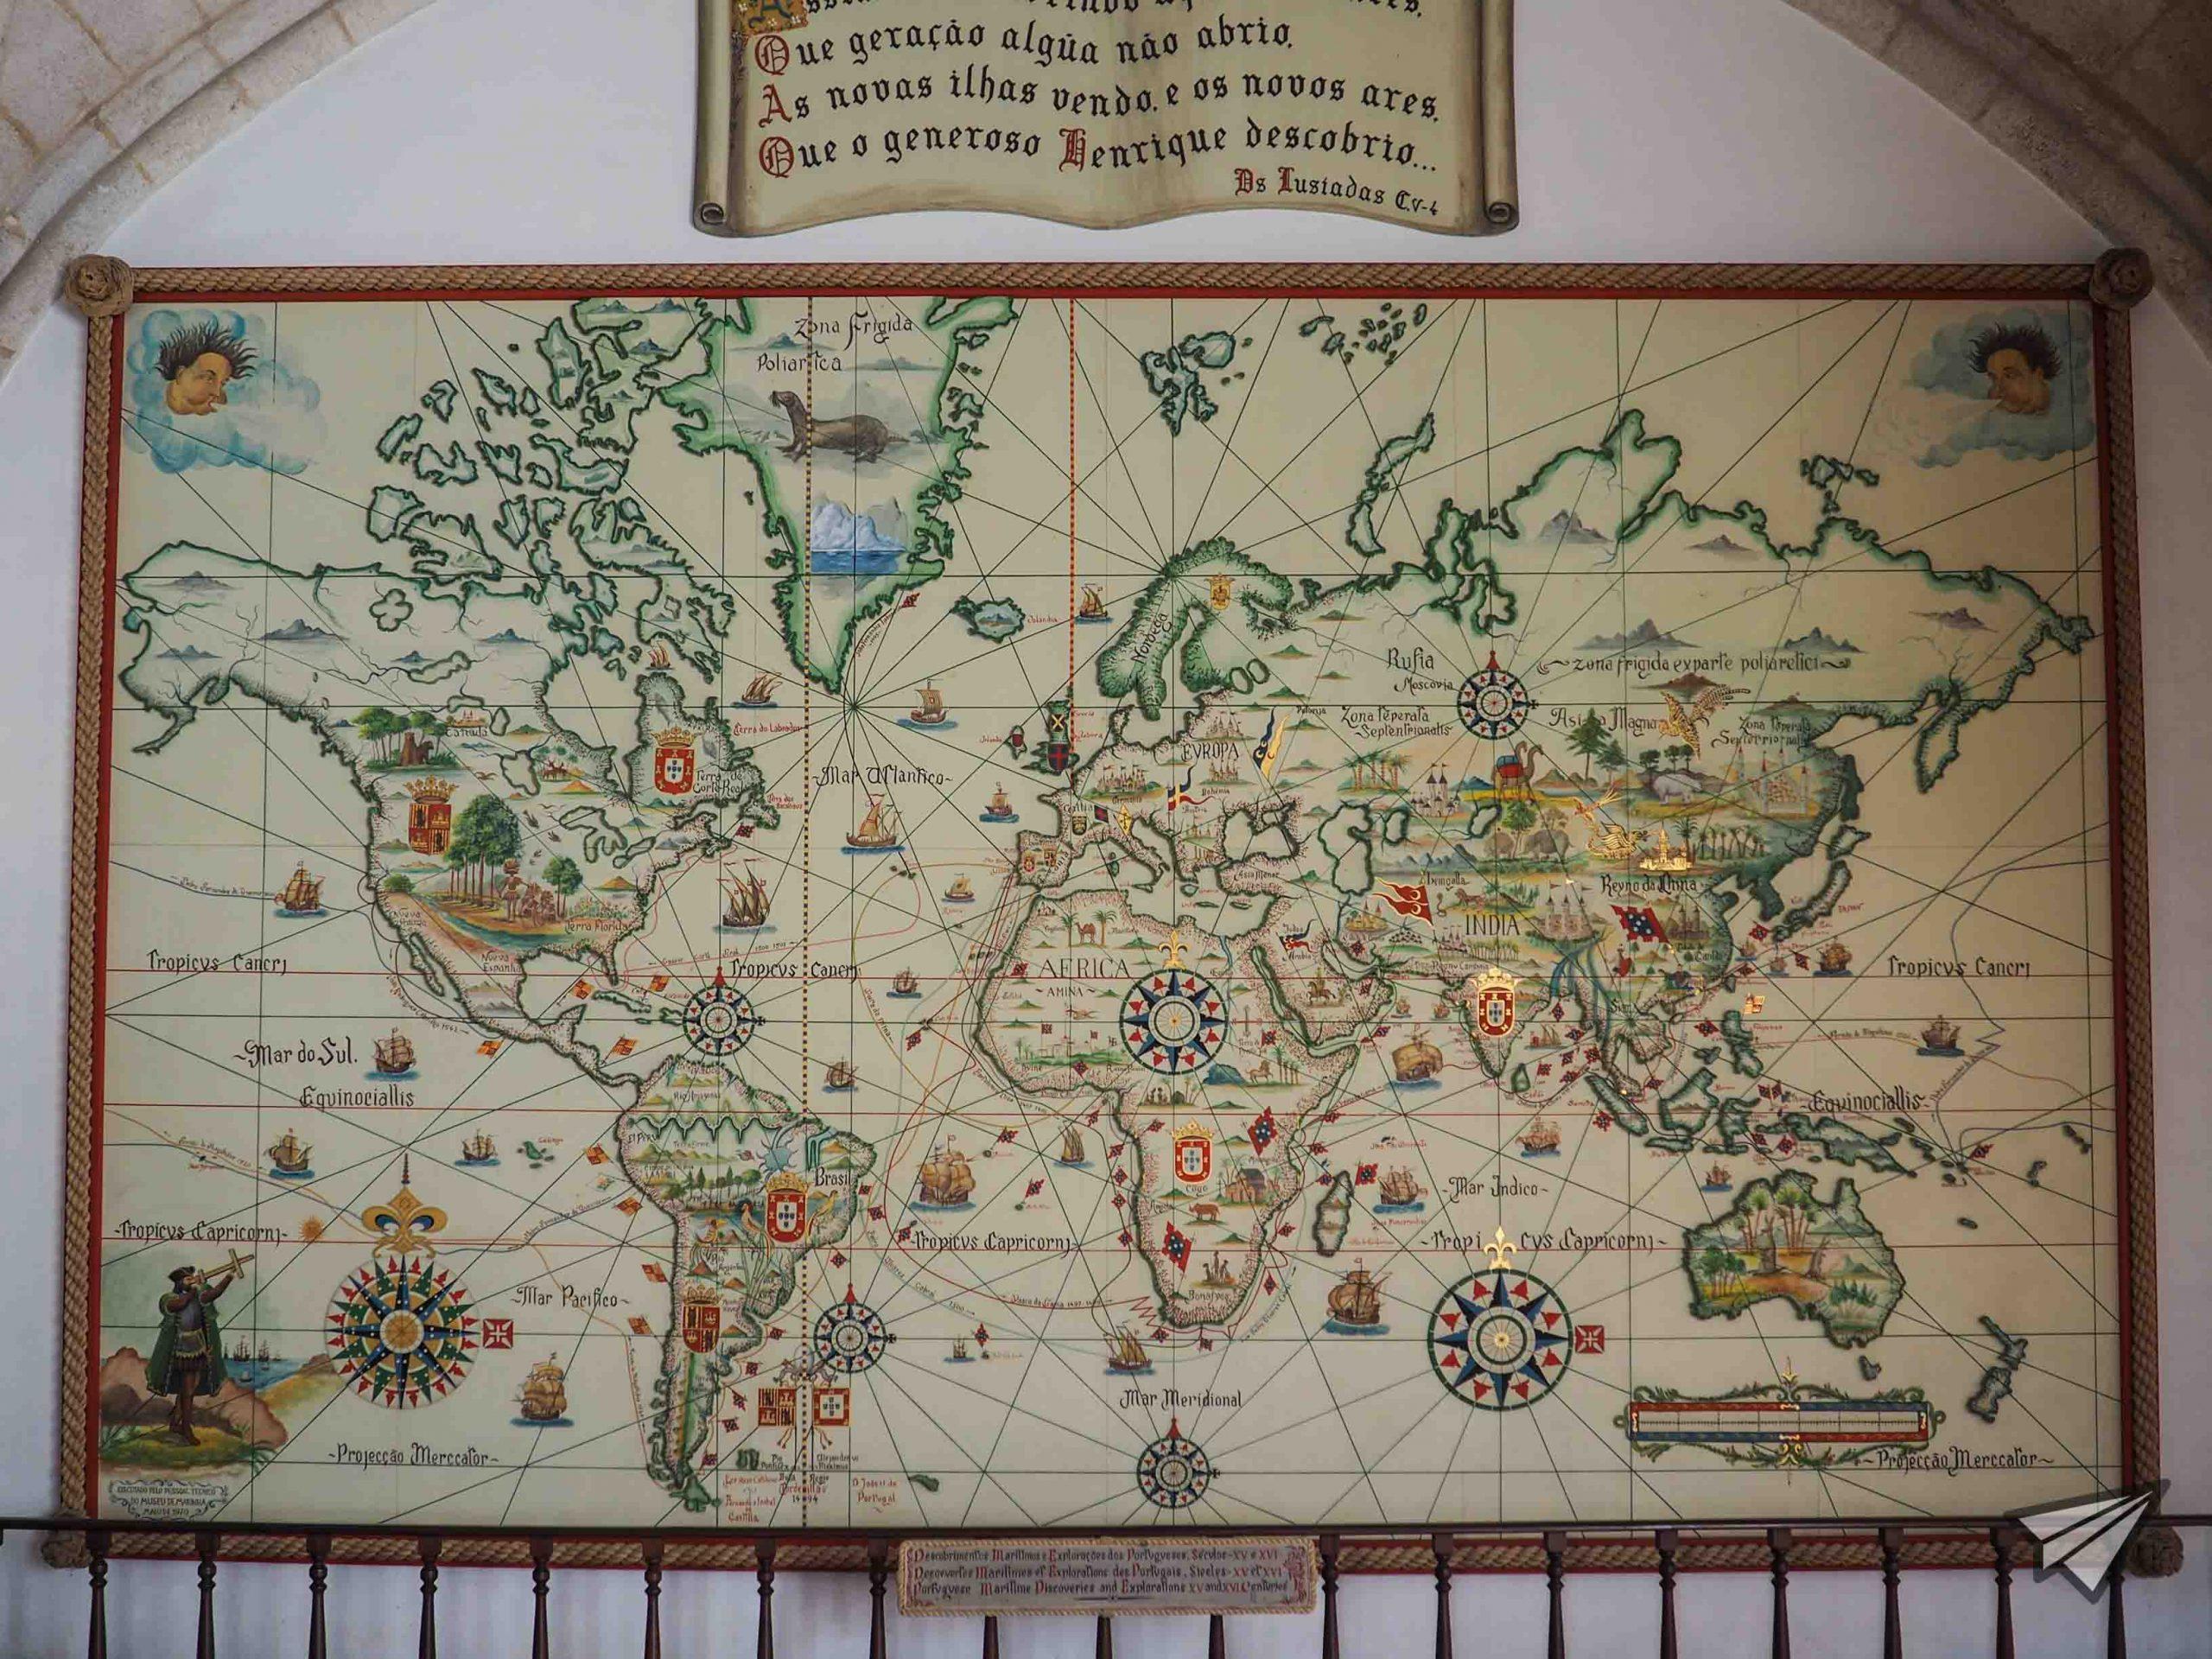 Museu de Marinha map